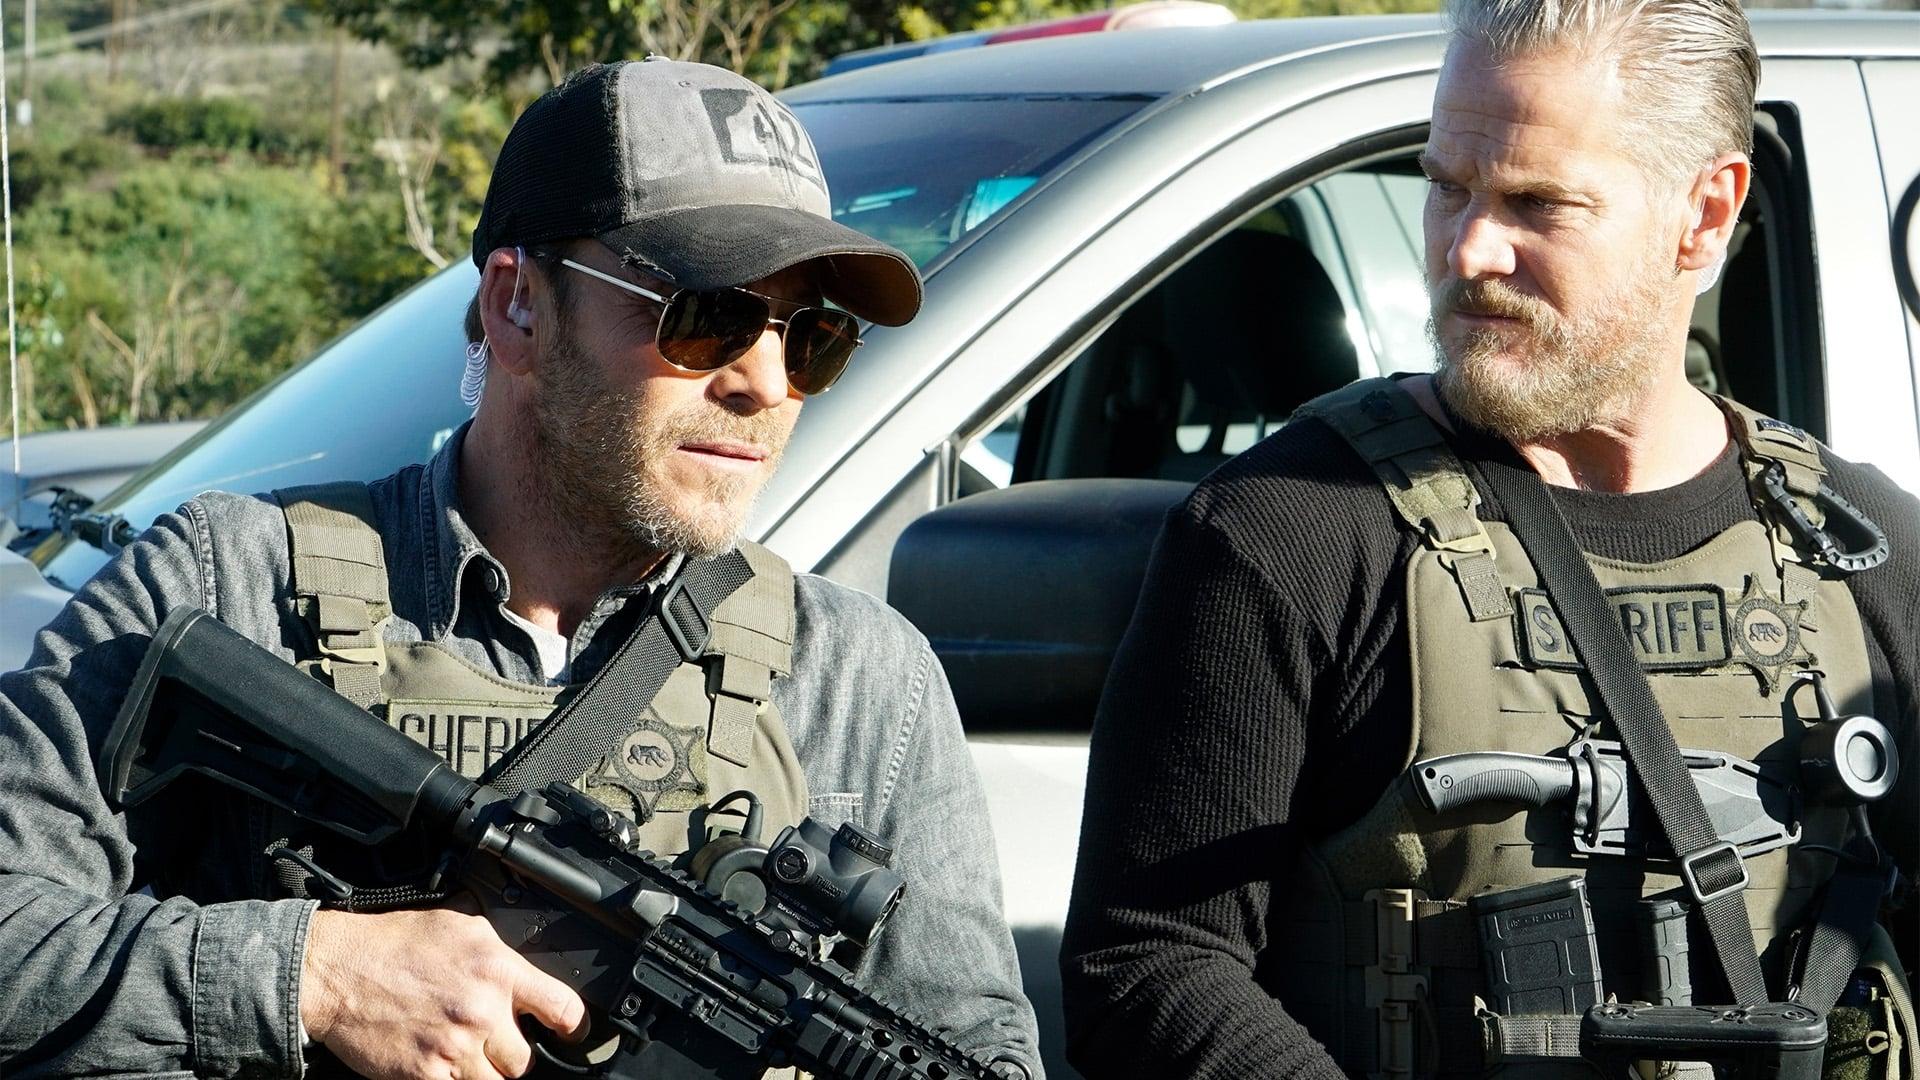 Deputy Einsatz Los Angeles